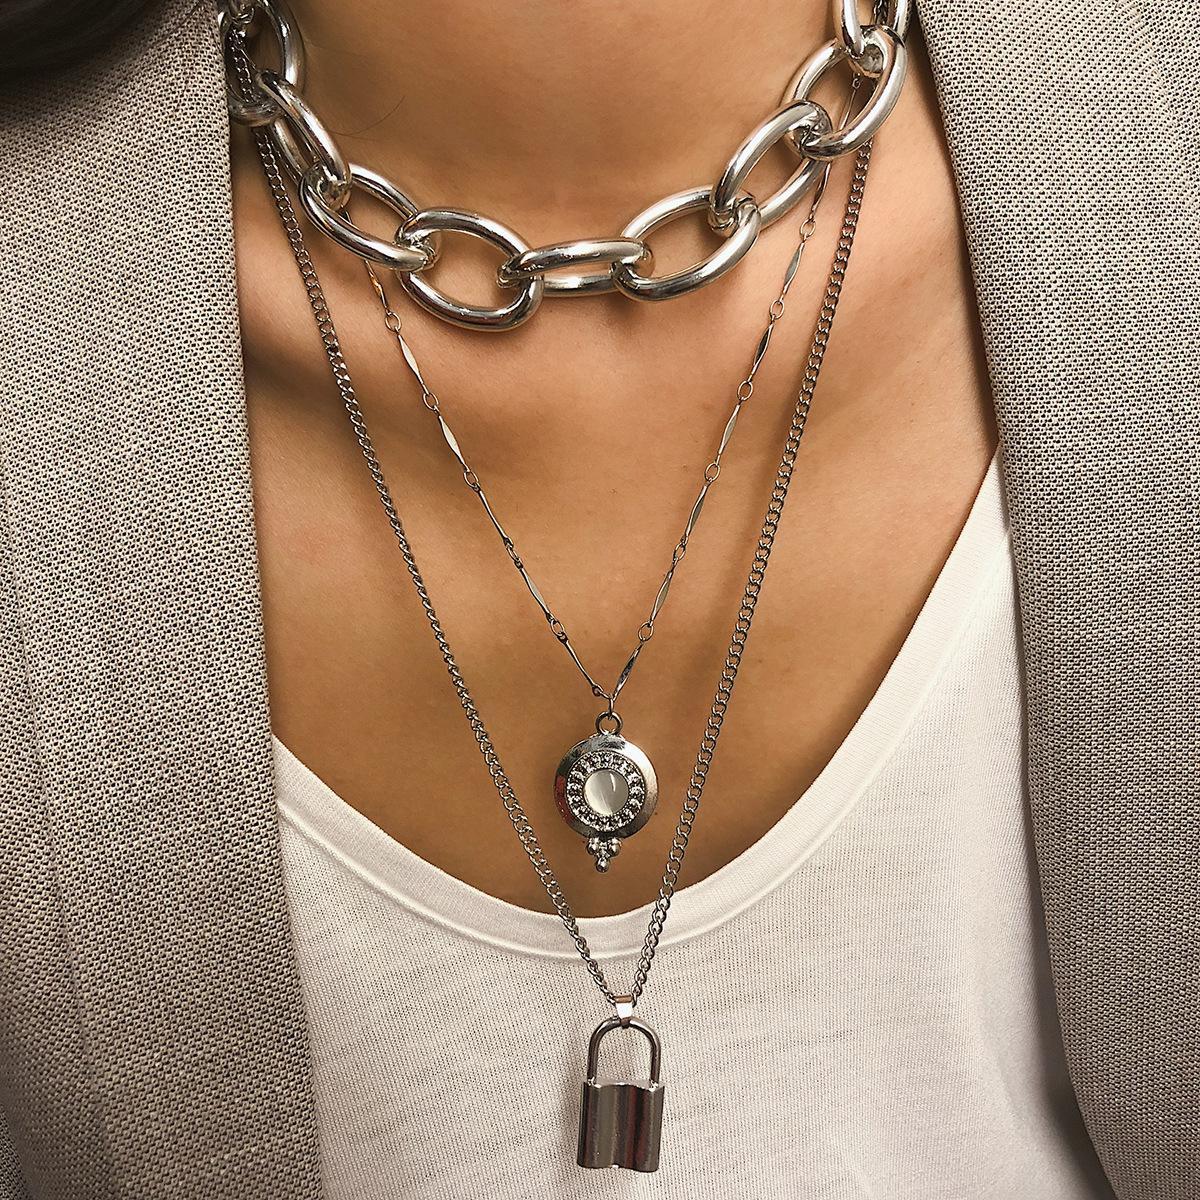 joyería de moda exagerada bloqueo de diamante sencillo de múltiples capas largo collar colgante de las mujeres de cadena metal punk